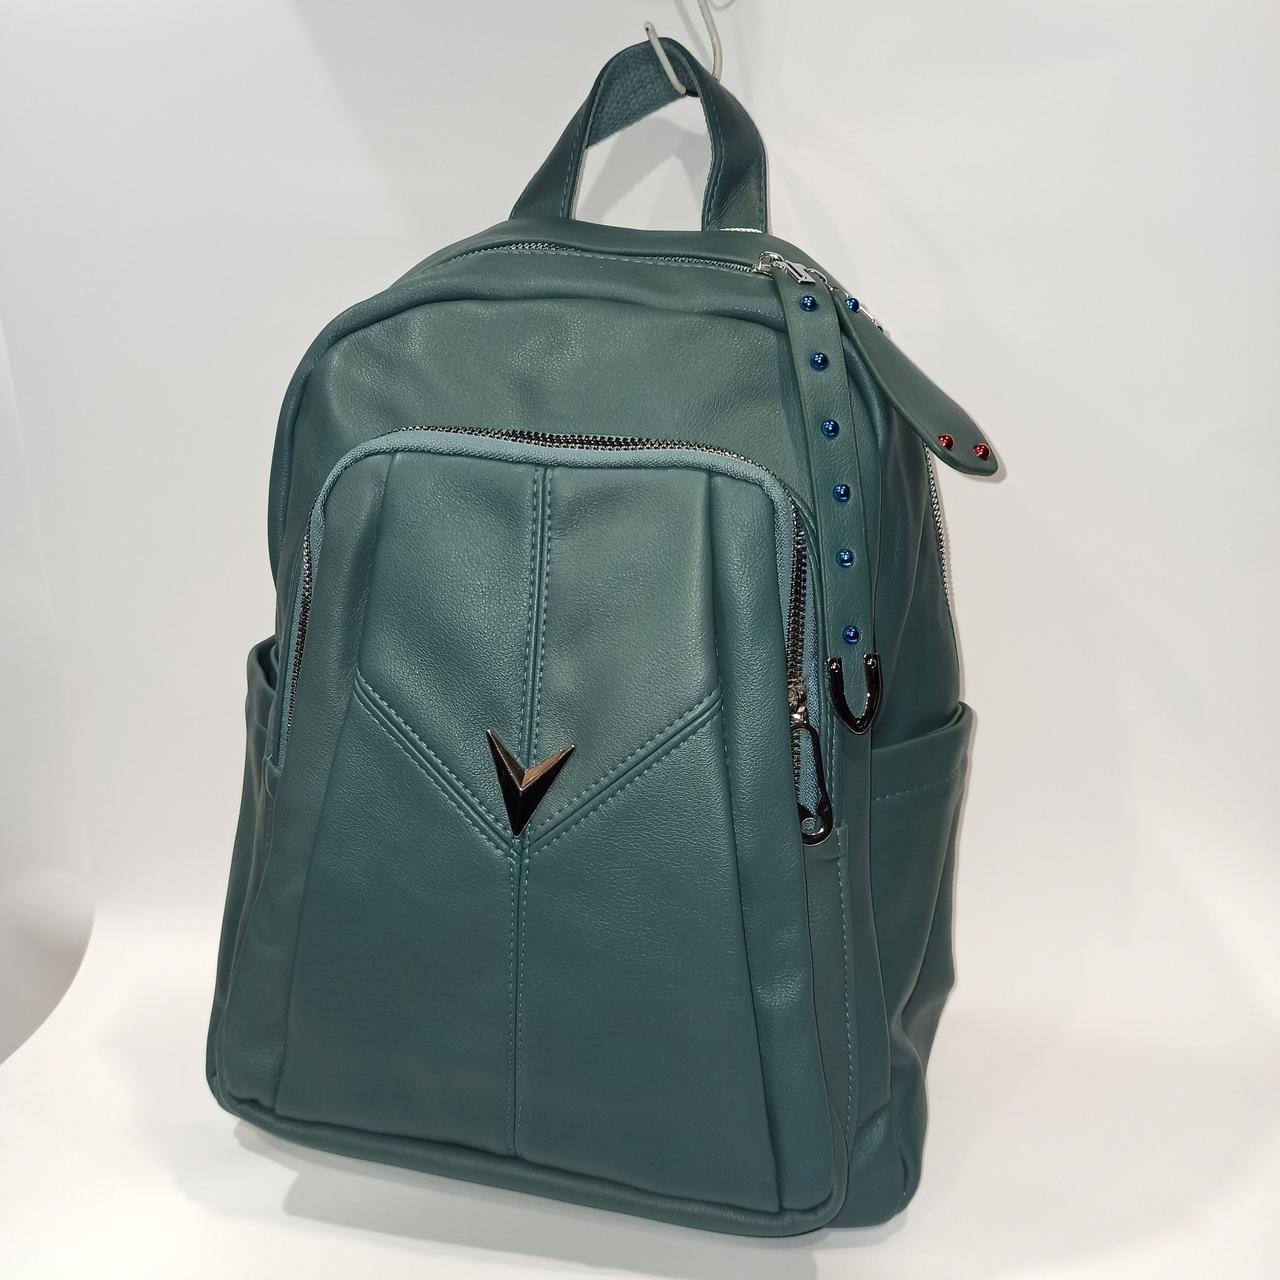 Красивый женский городской кожаный рюкзак. Модель 1619-5